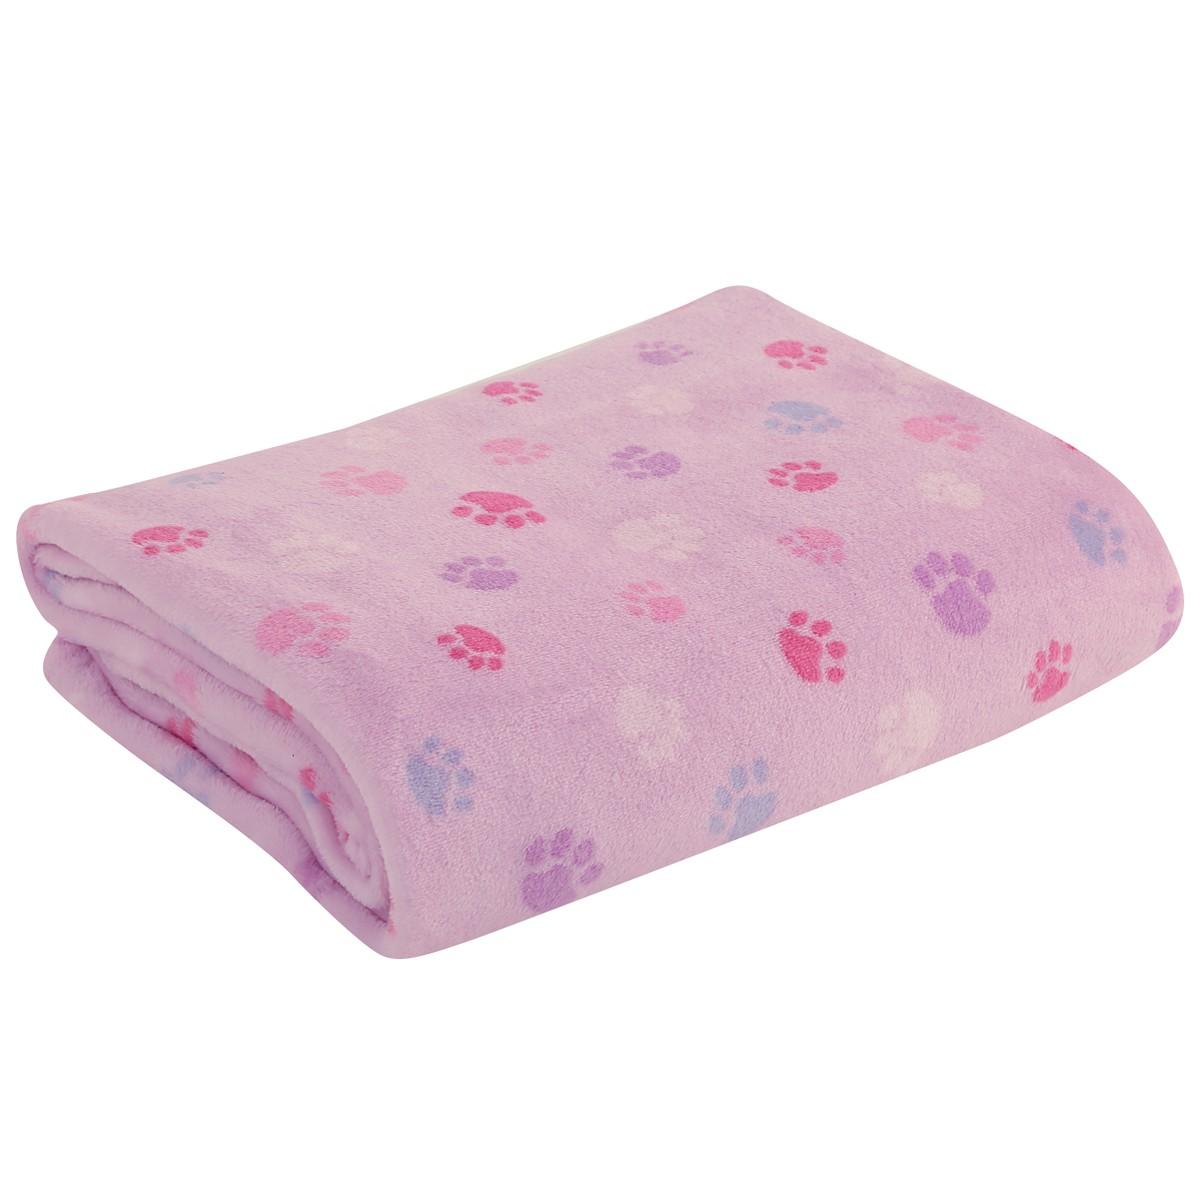 Κουβέρτα Fleece Αγκαλιάς Nef-Nef Baby Footprint Lilac